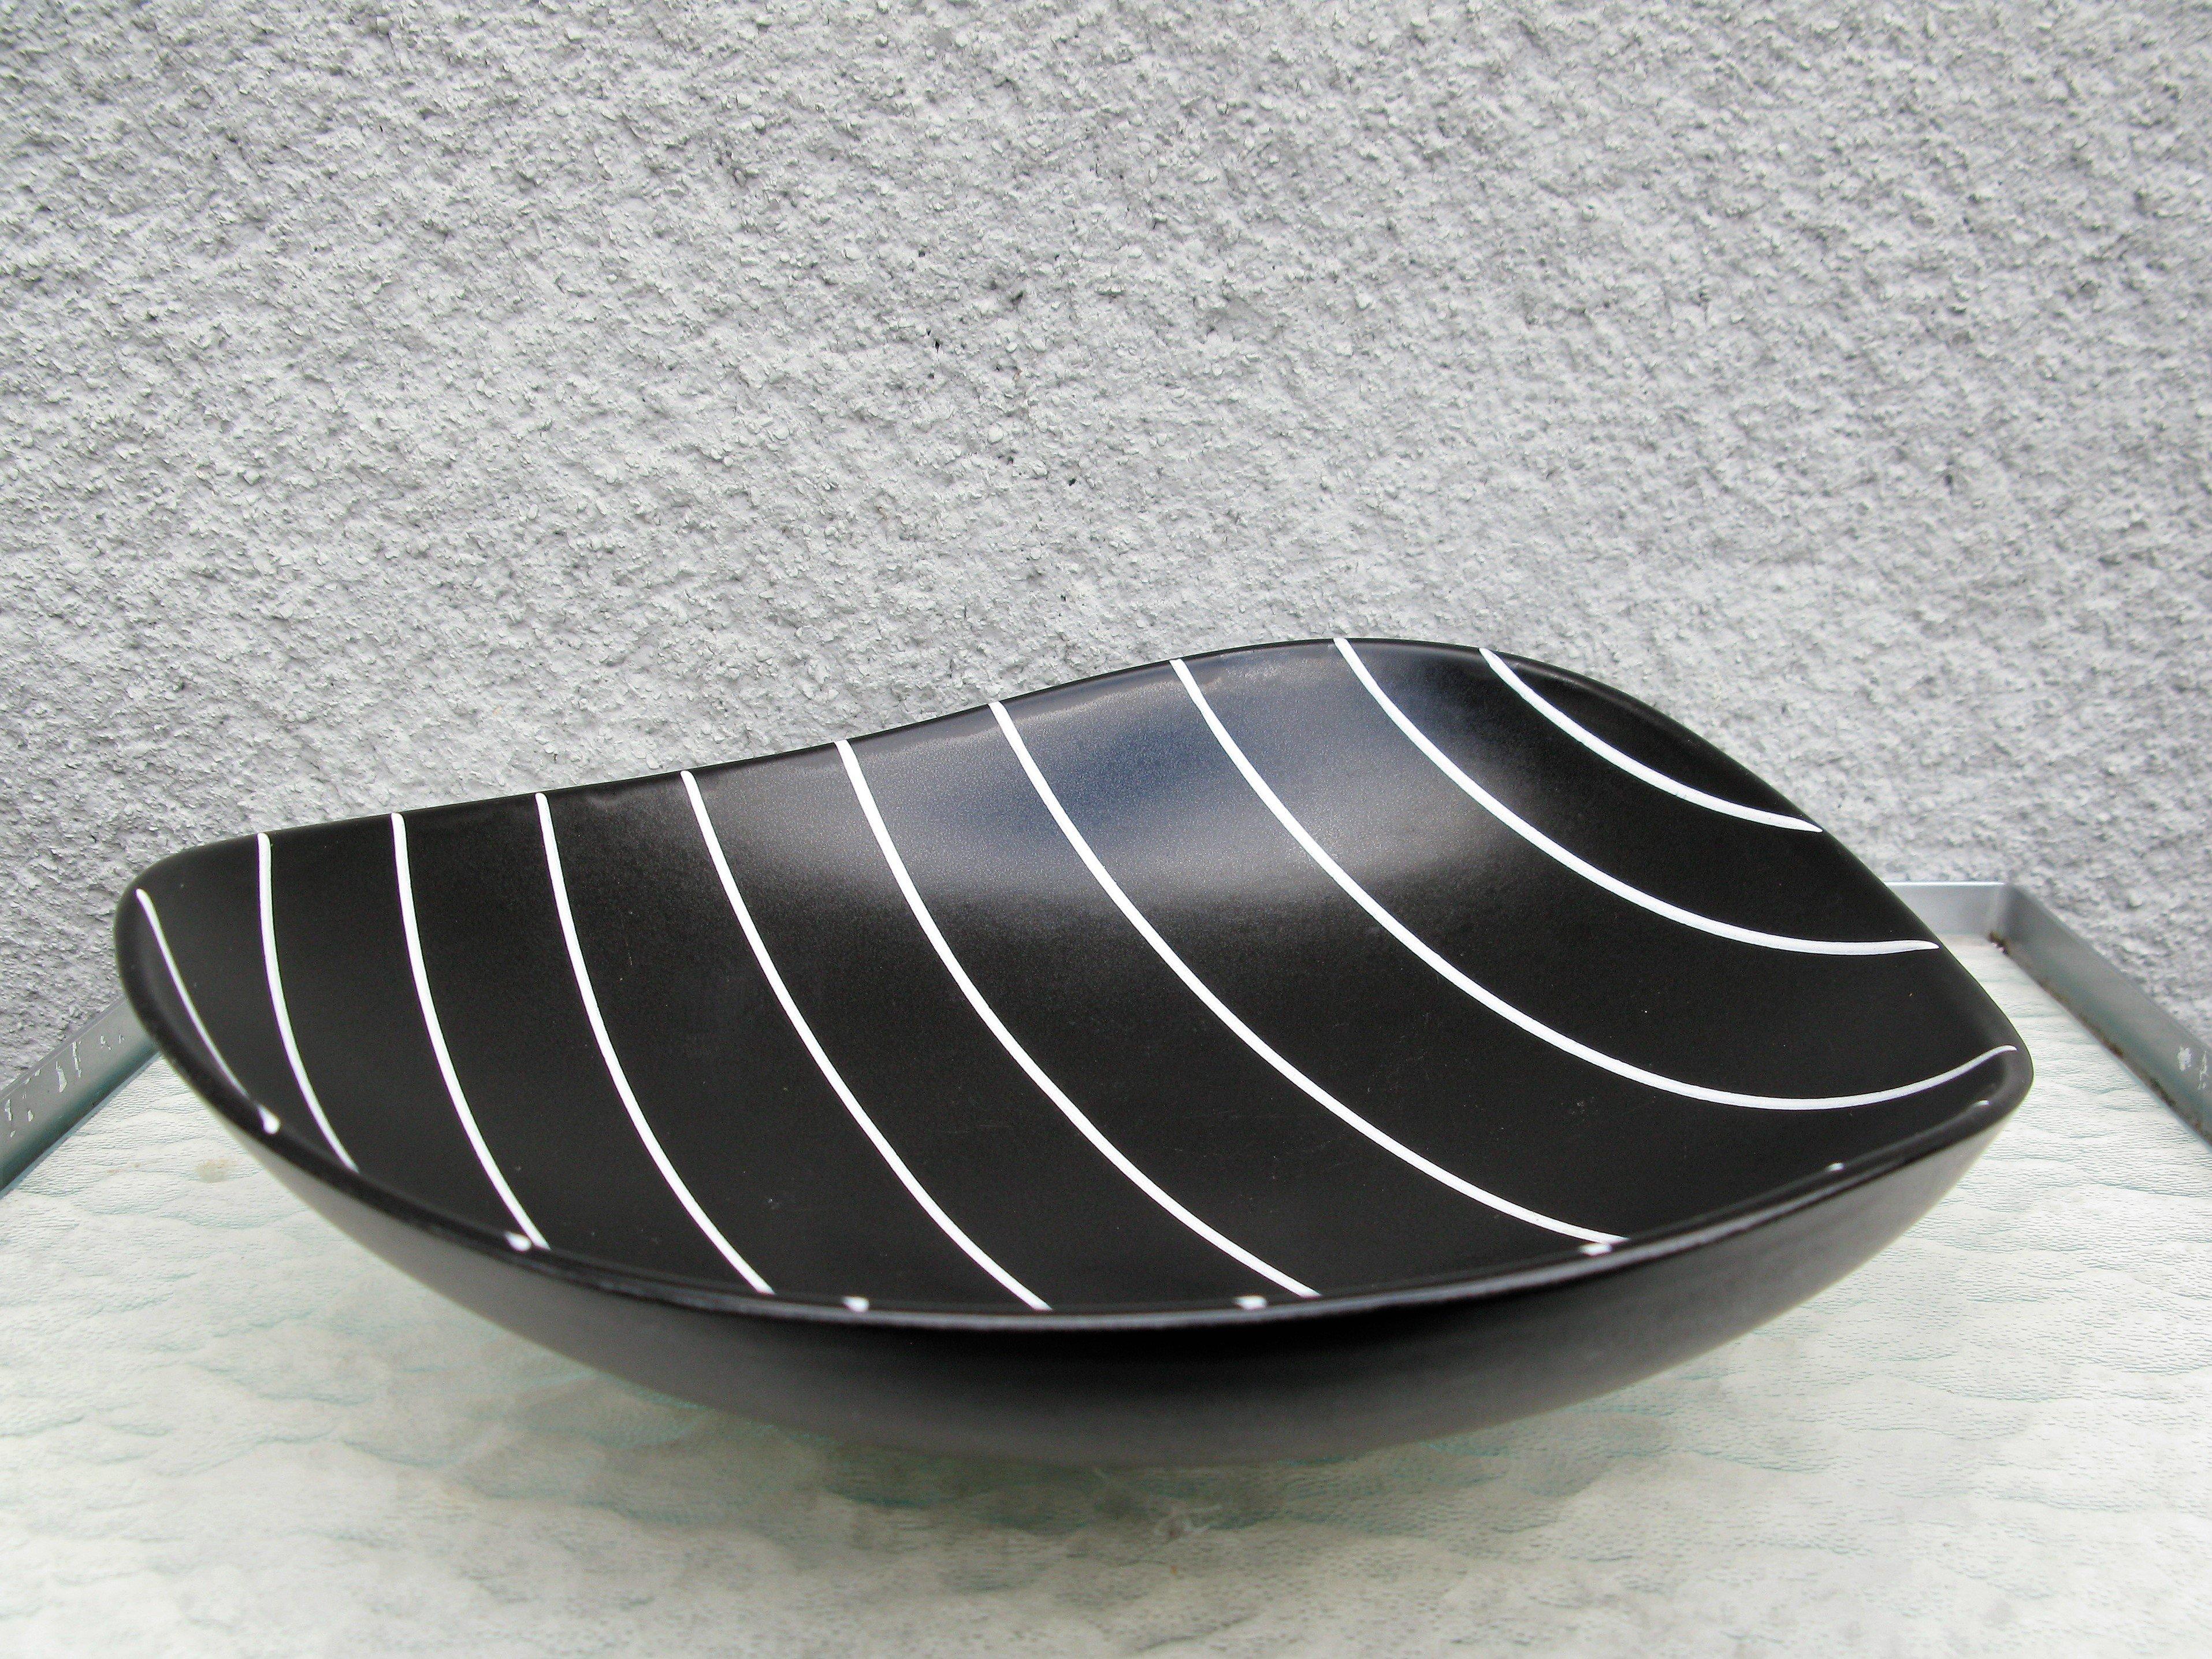 mambo bowl 1029-194